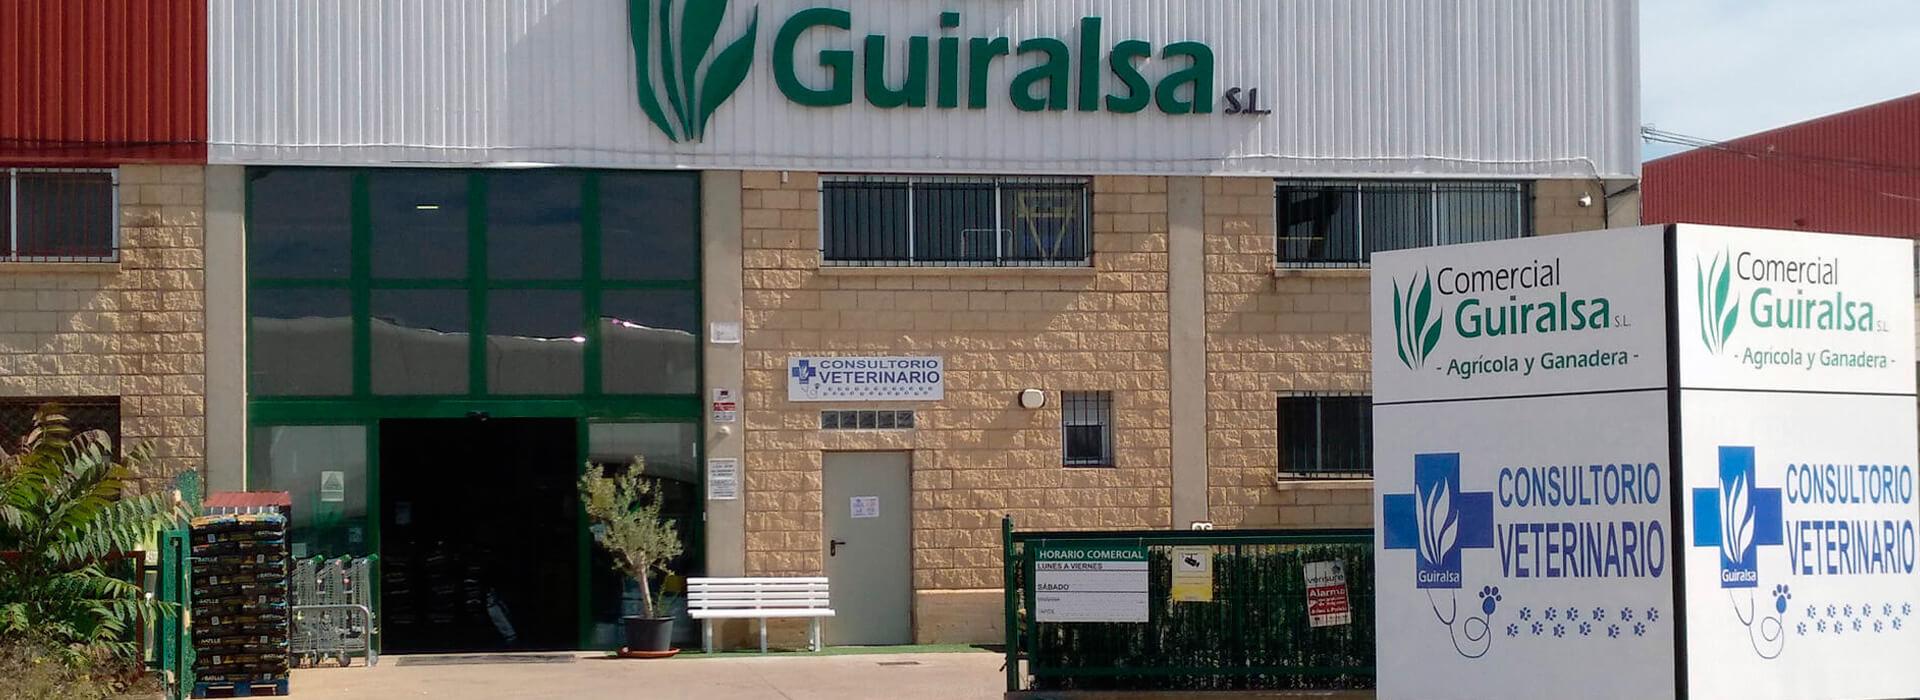 Comercial Guiralsa - Consultorio Veterinario Huesca Guiralsa - Peluqueria canina guiralsa